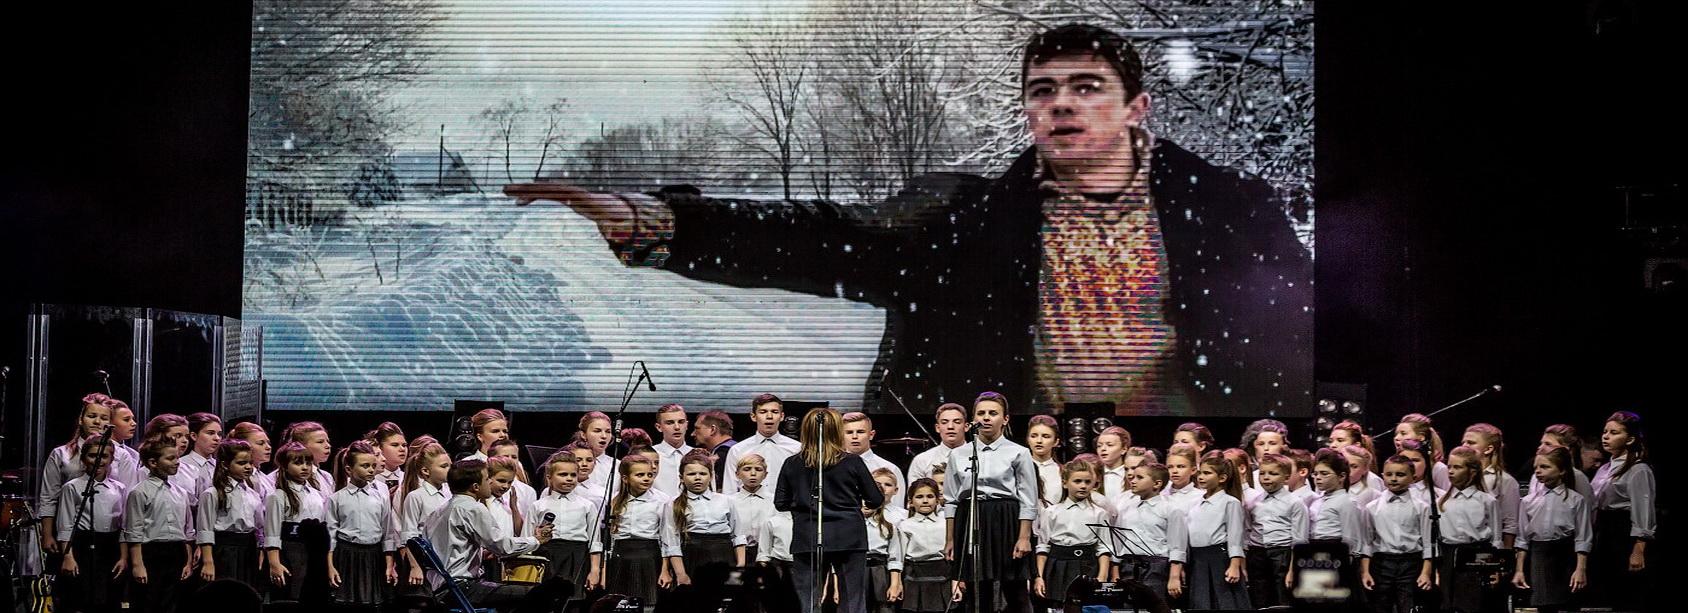 Как белорусы сходили с ума в «Минск-Арене» под песни из культового «Брата-2»